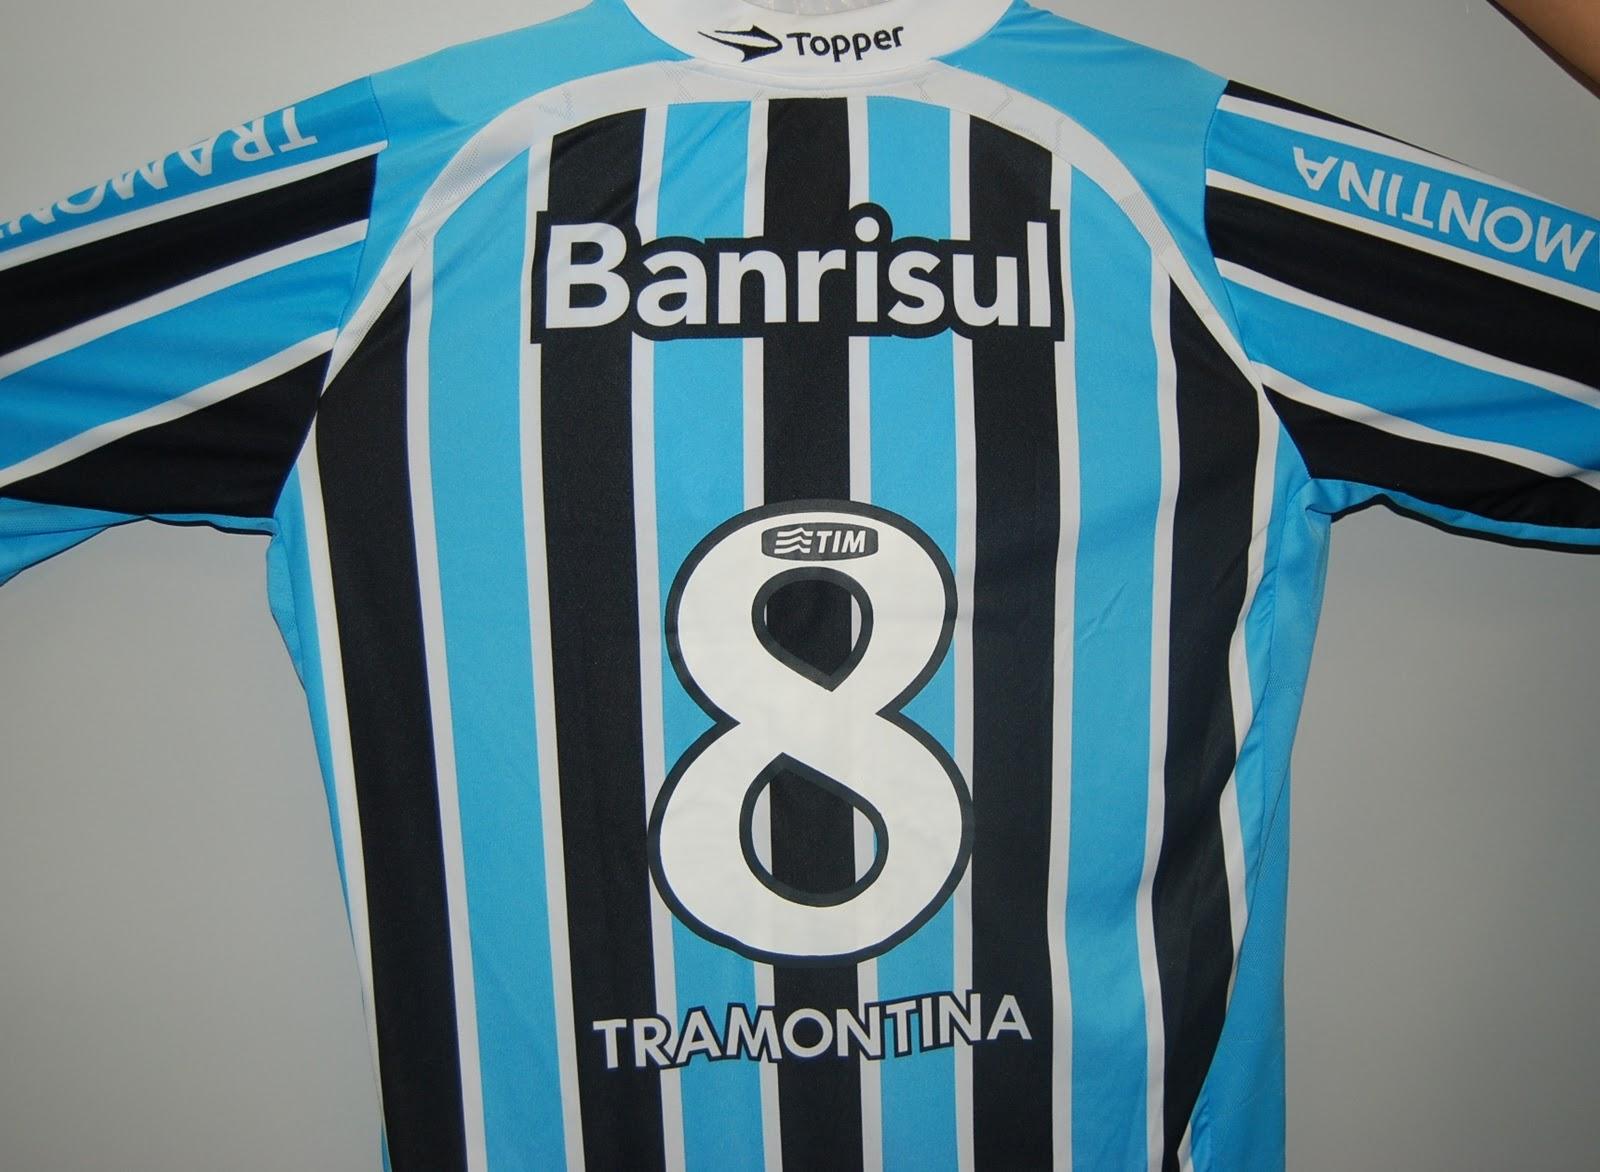 Acompanhe ao vivo o lançamento da camisa do Grêmio fabricadas pela Topper db7944aa496dc